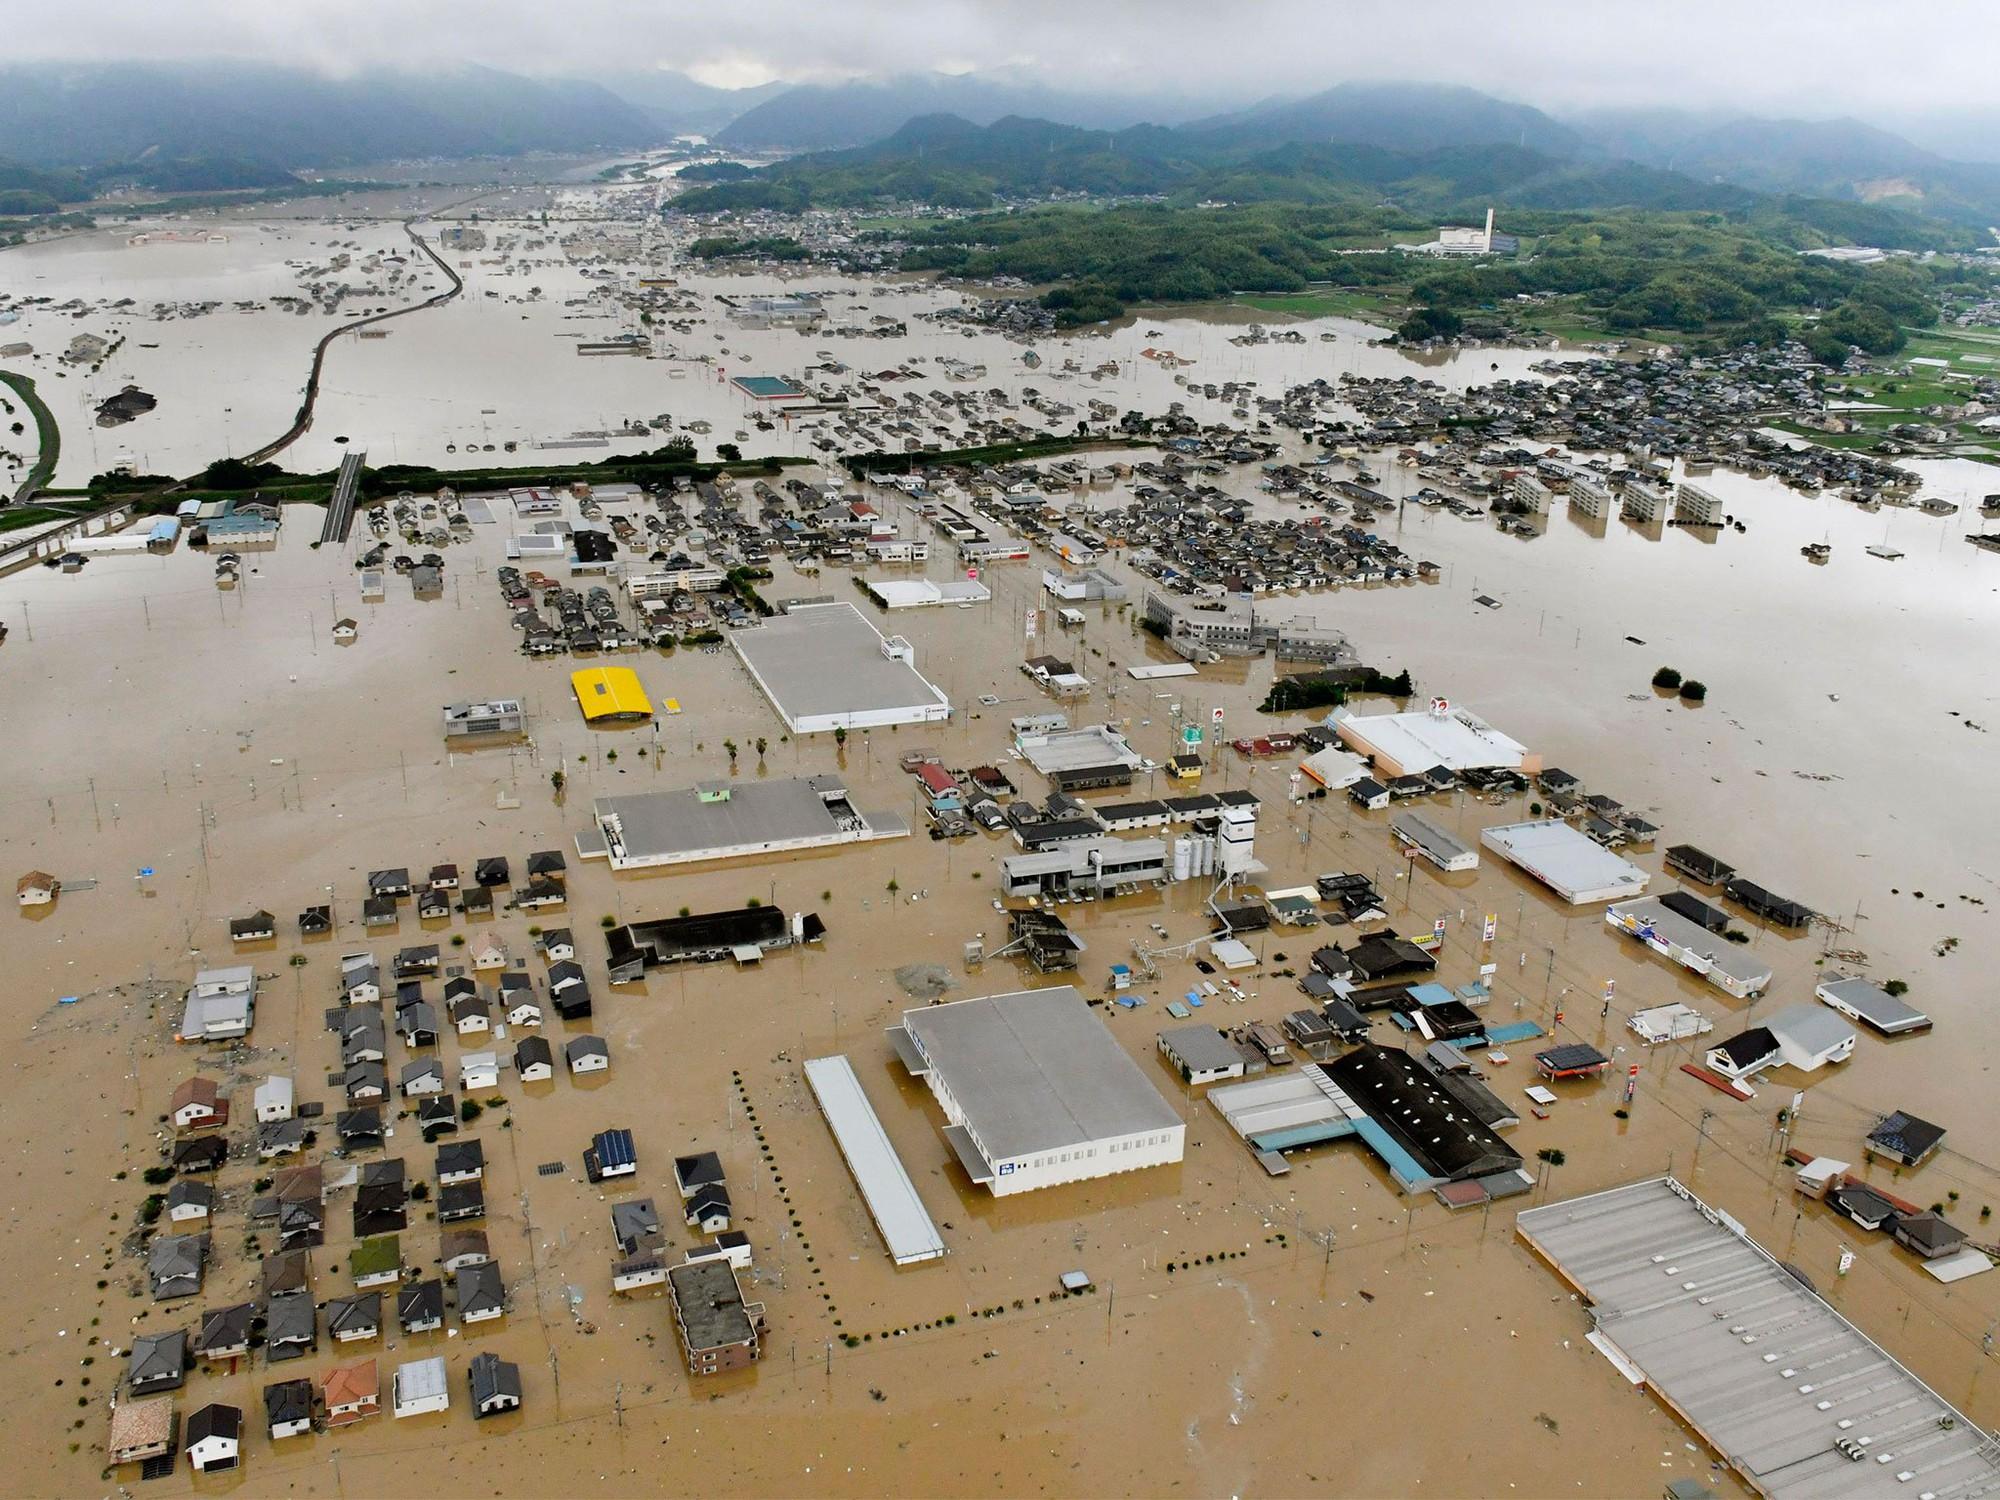 Những hình ảnh trong đợt mưa lũ kinh hoàng tại Nhật Bản khiến 38 người thiệt mạng, 50 người mất tích - Ảnh 13.